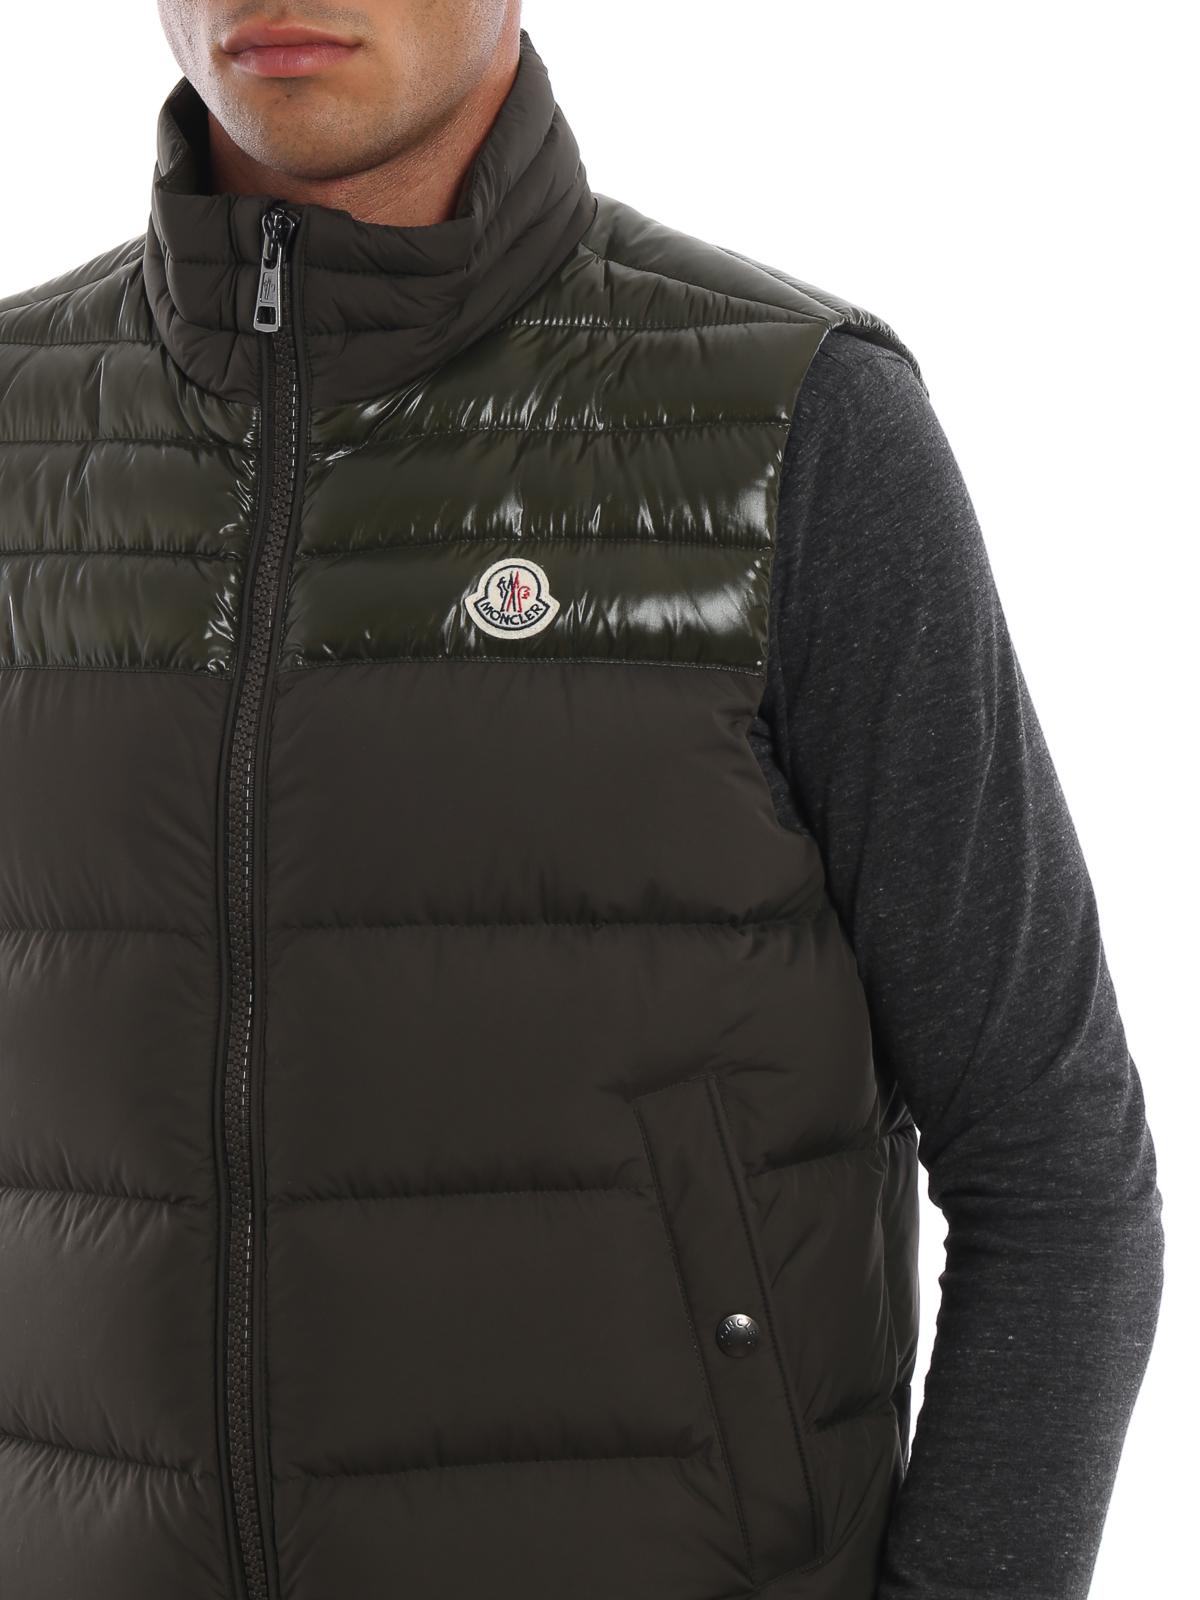 714d1209c234 Moncler - Deneb moss green sleeveless puffer jacket - padded jackets ...